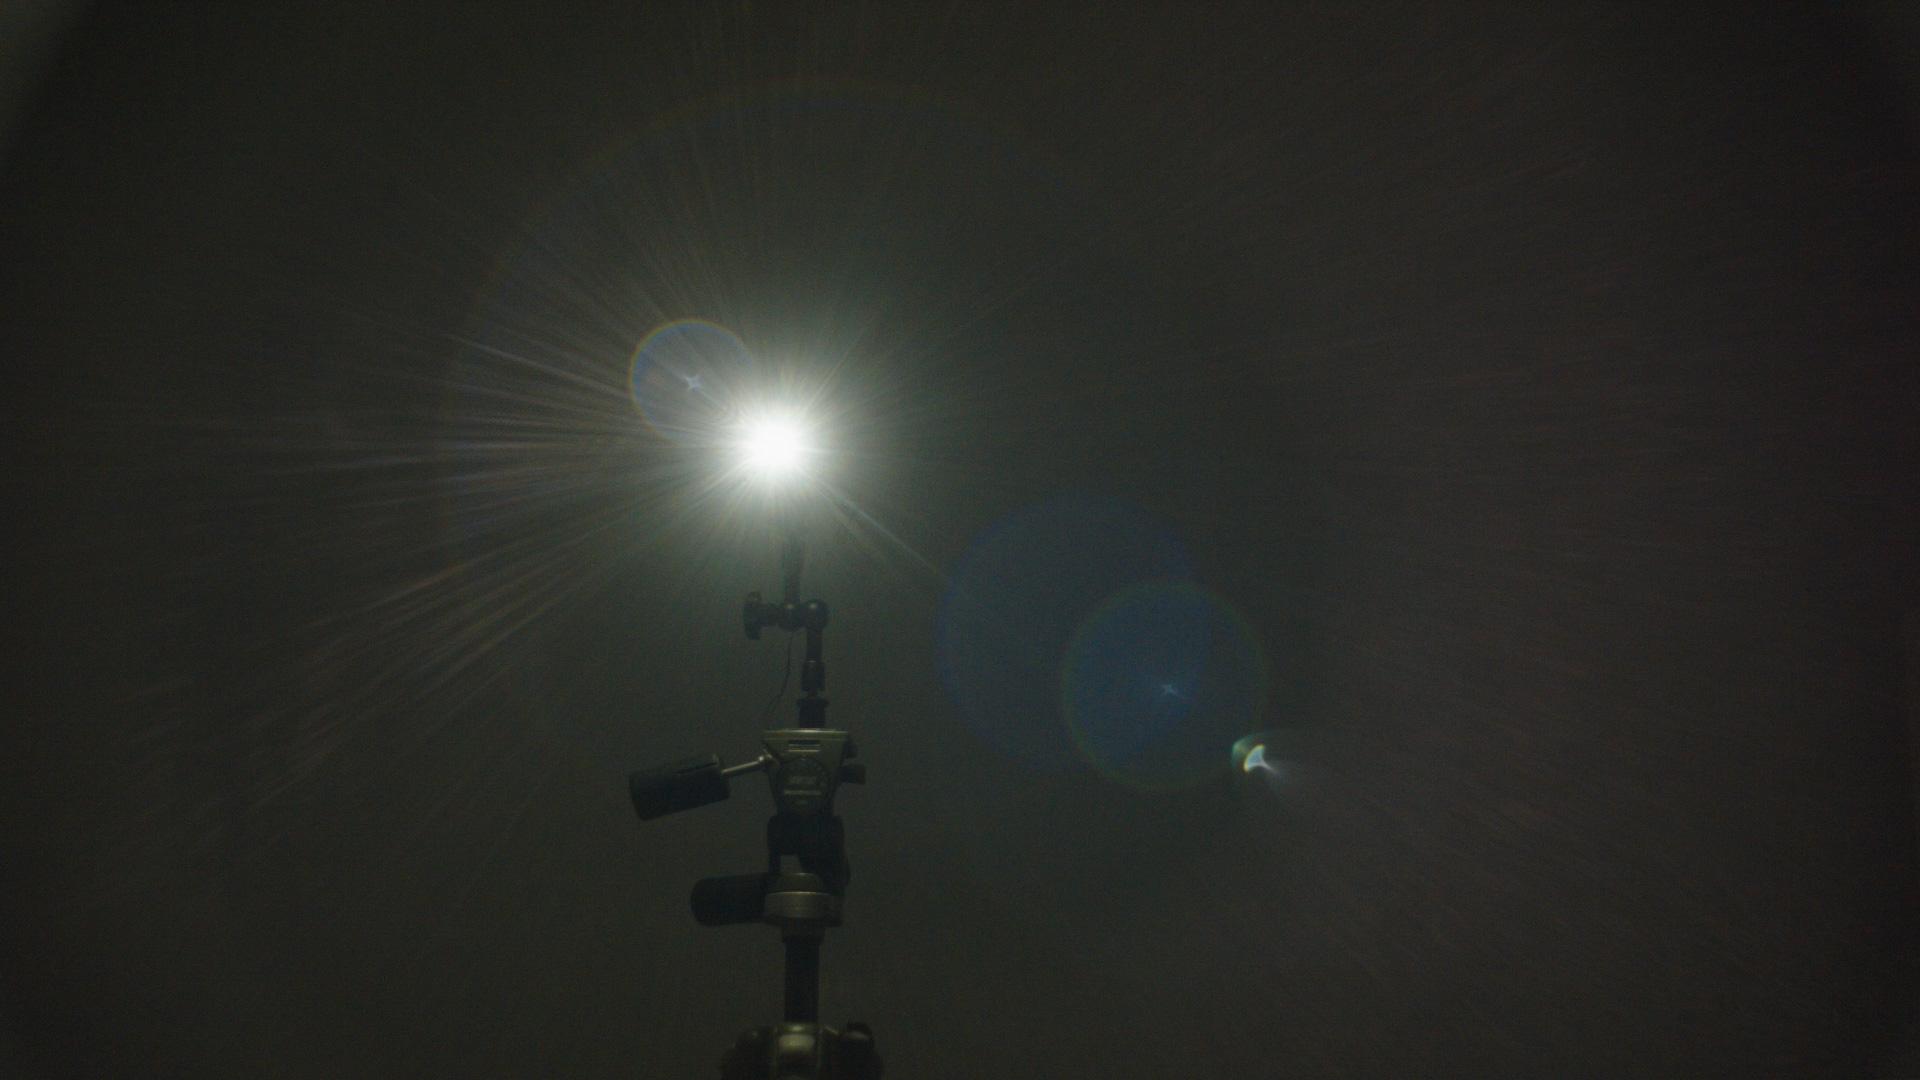 Flare-OKS-15mm-T2.0.jpg